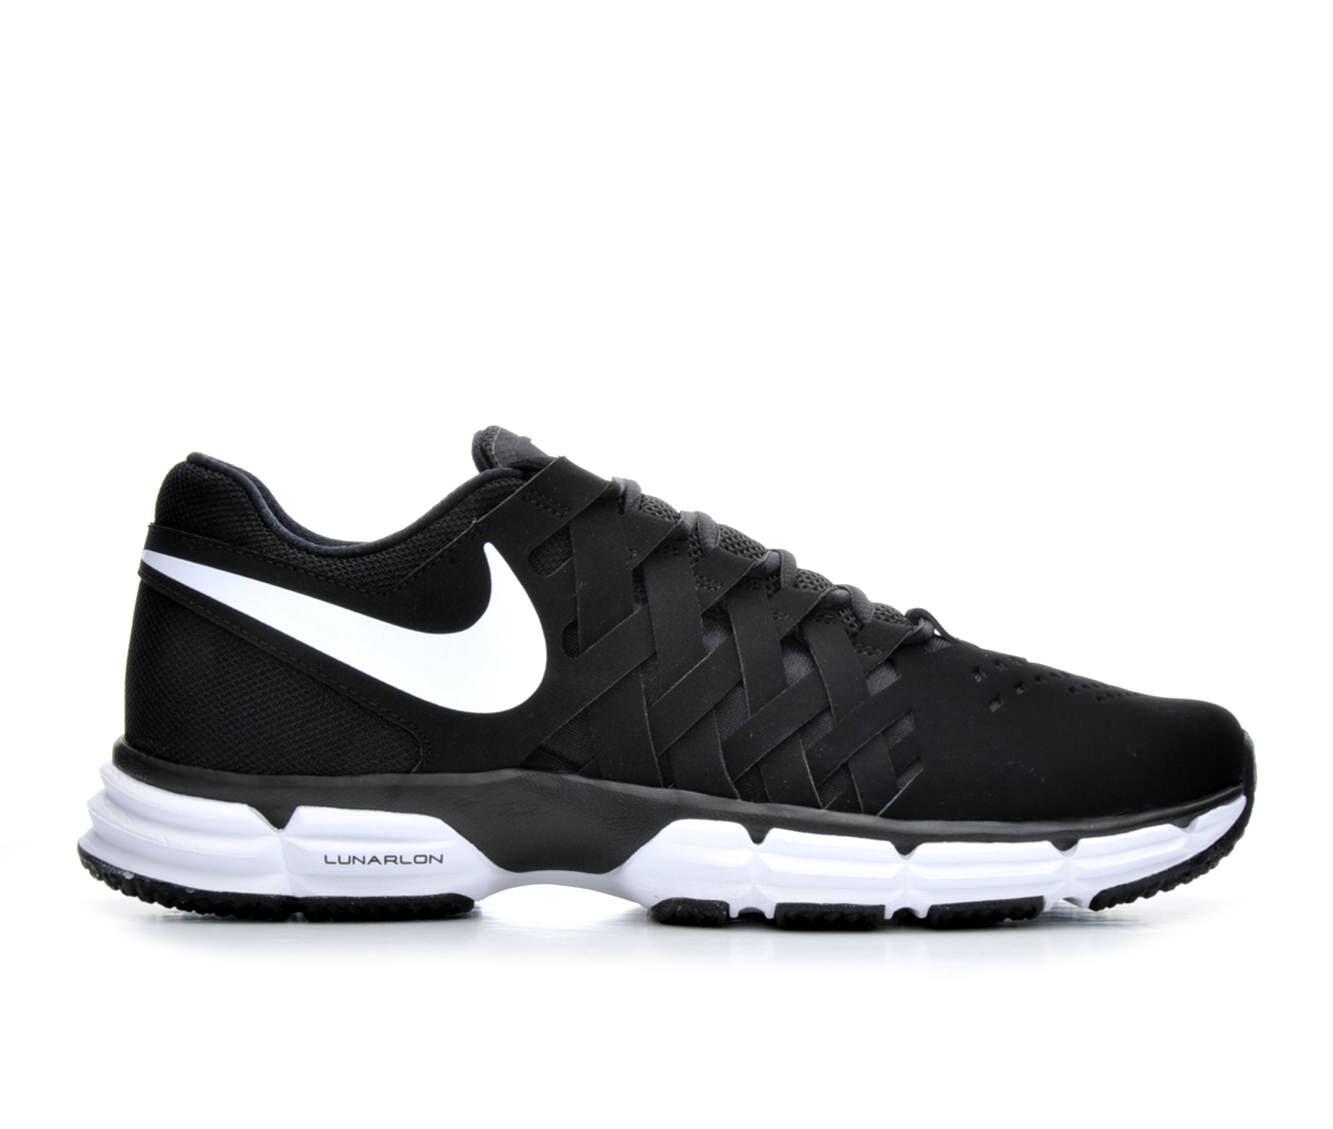 Men's Nike Lunar Fingertrap Training Shoes Blk/Wht 001